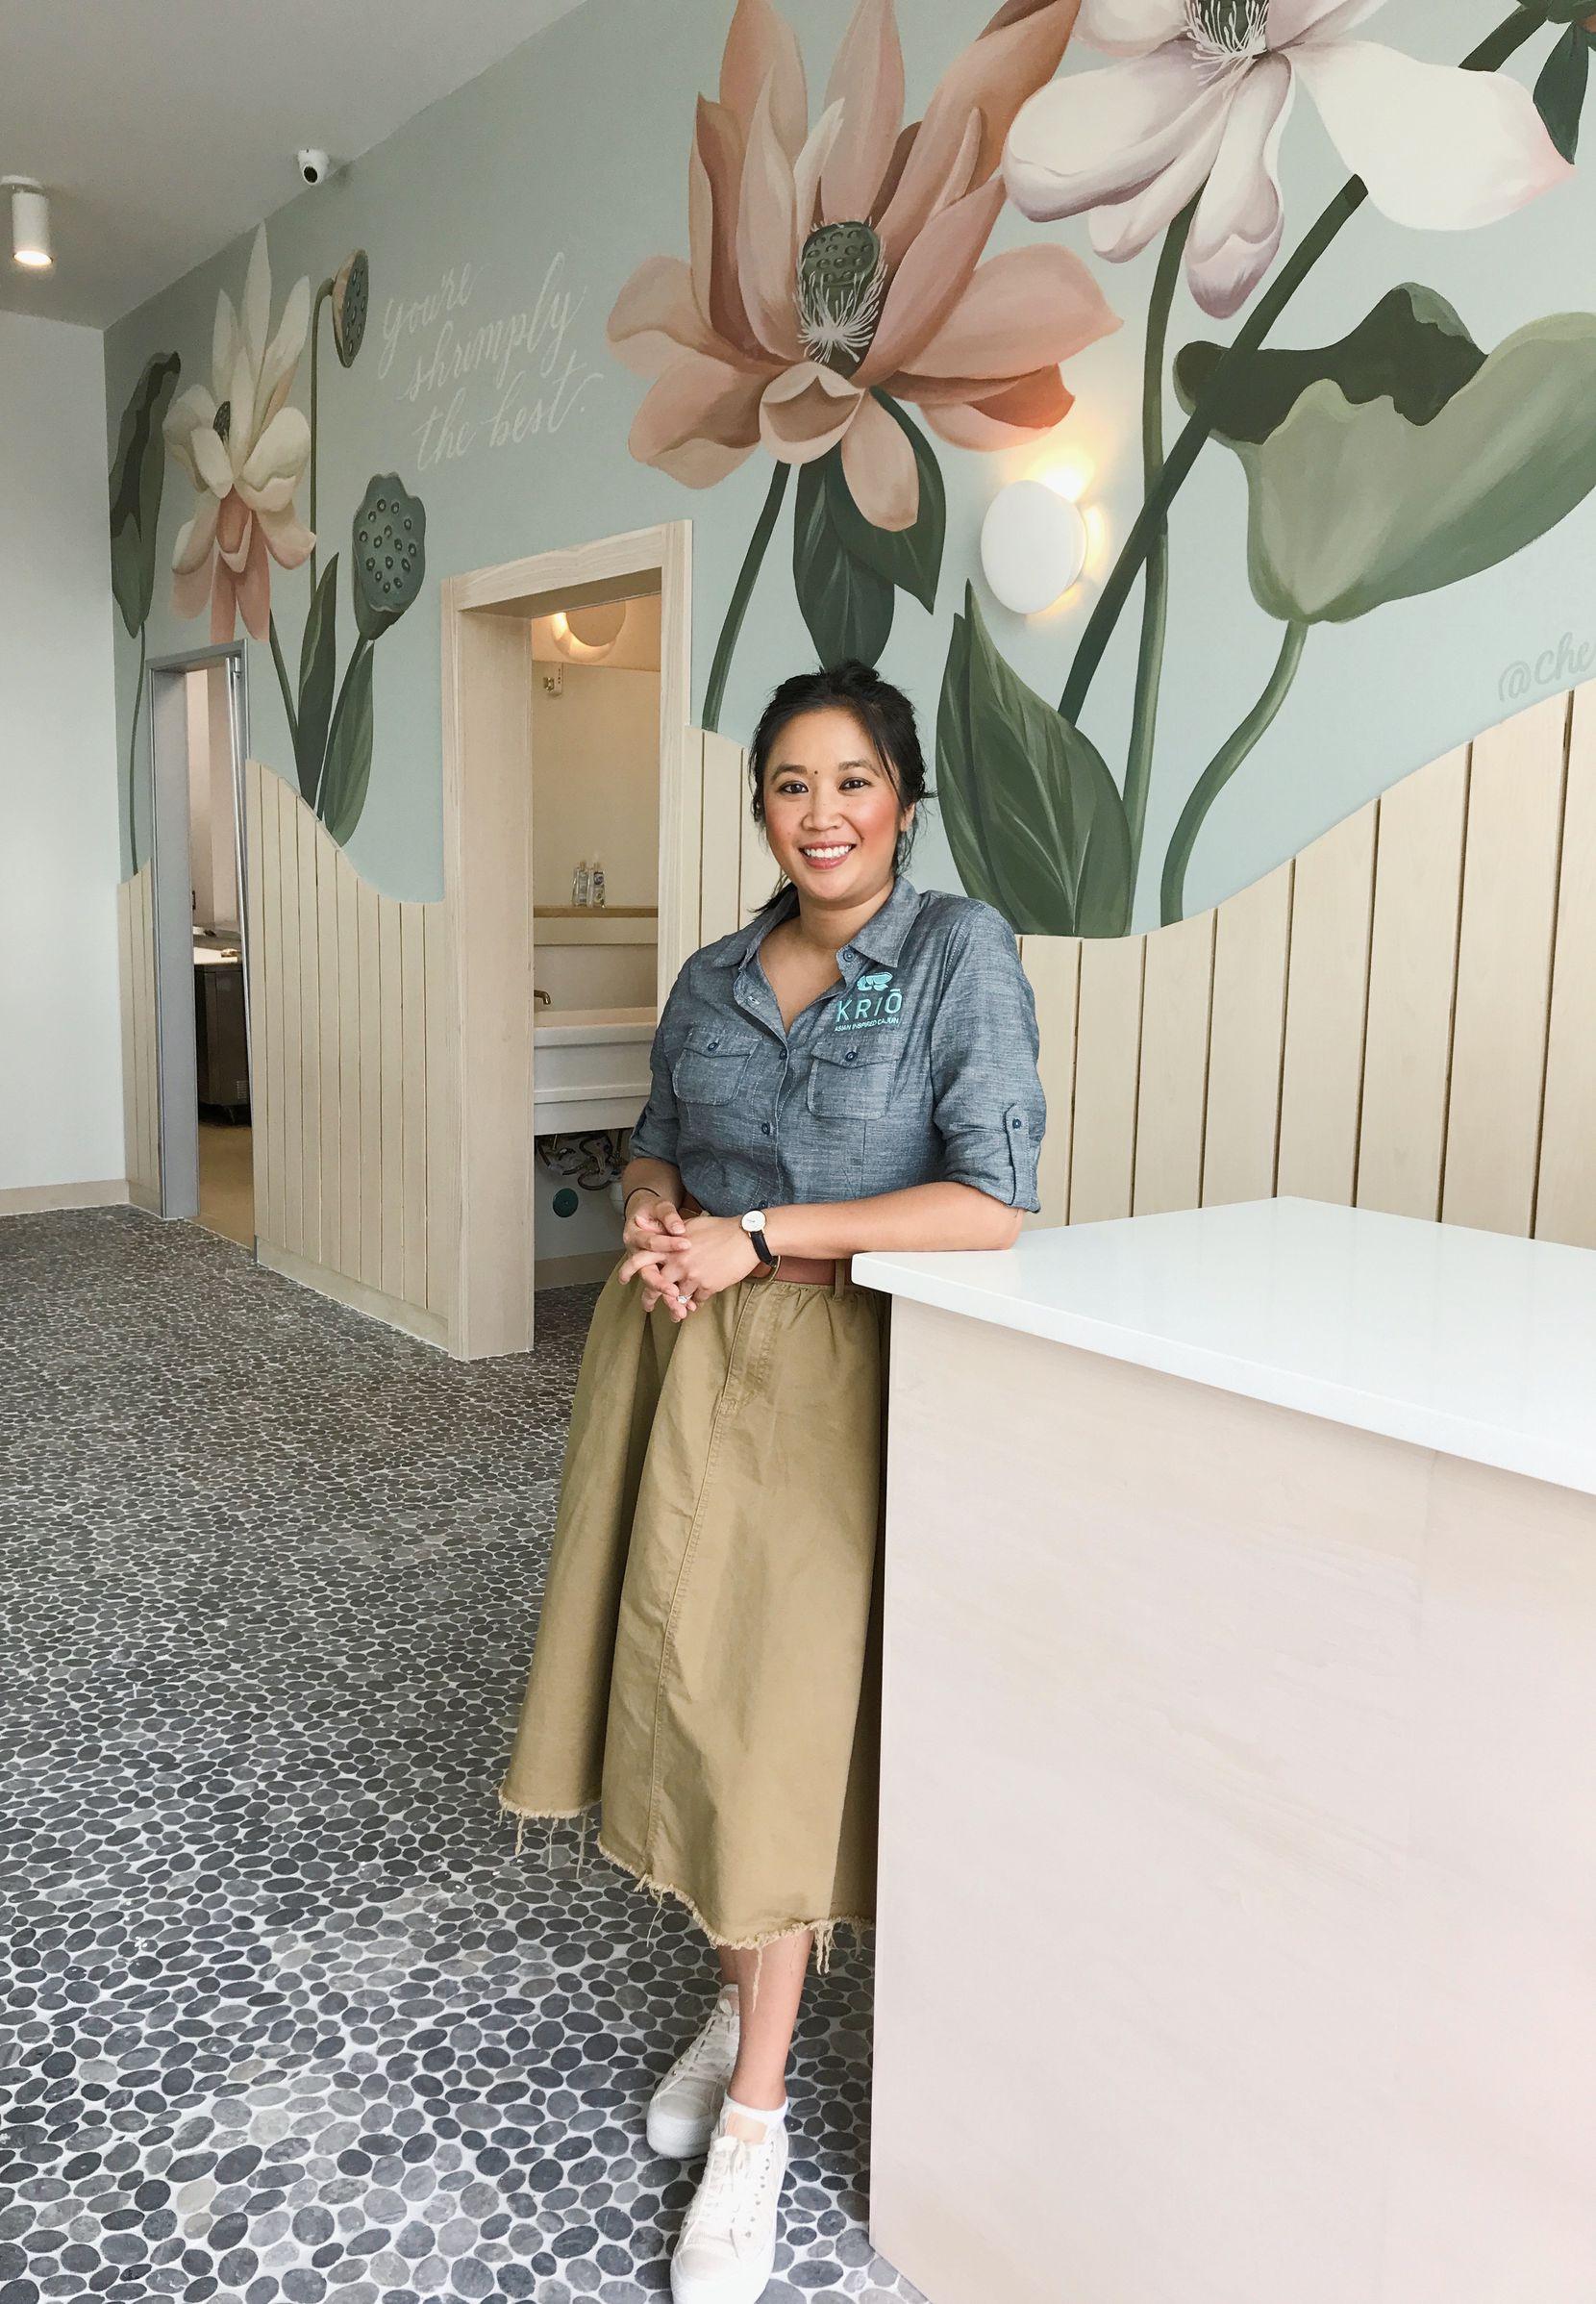 Connie  Cheng of Krio in Dallas